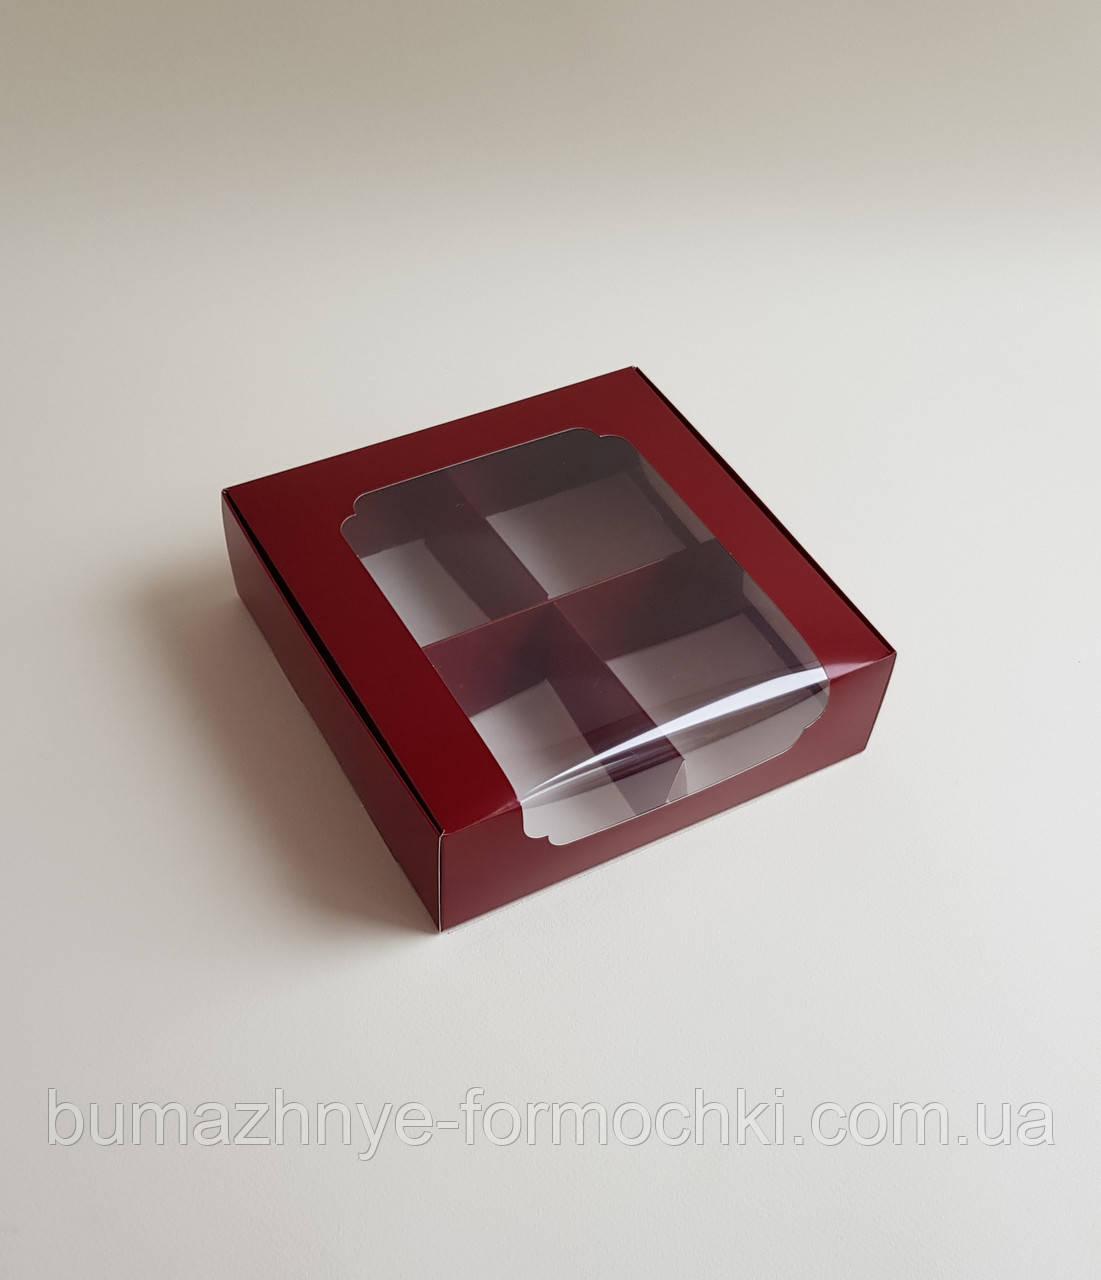 Коробка для десертов, 200*200*60, бордо